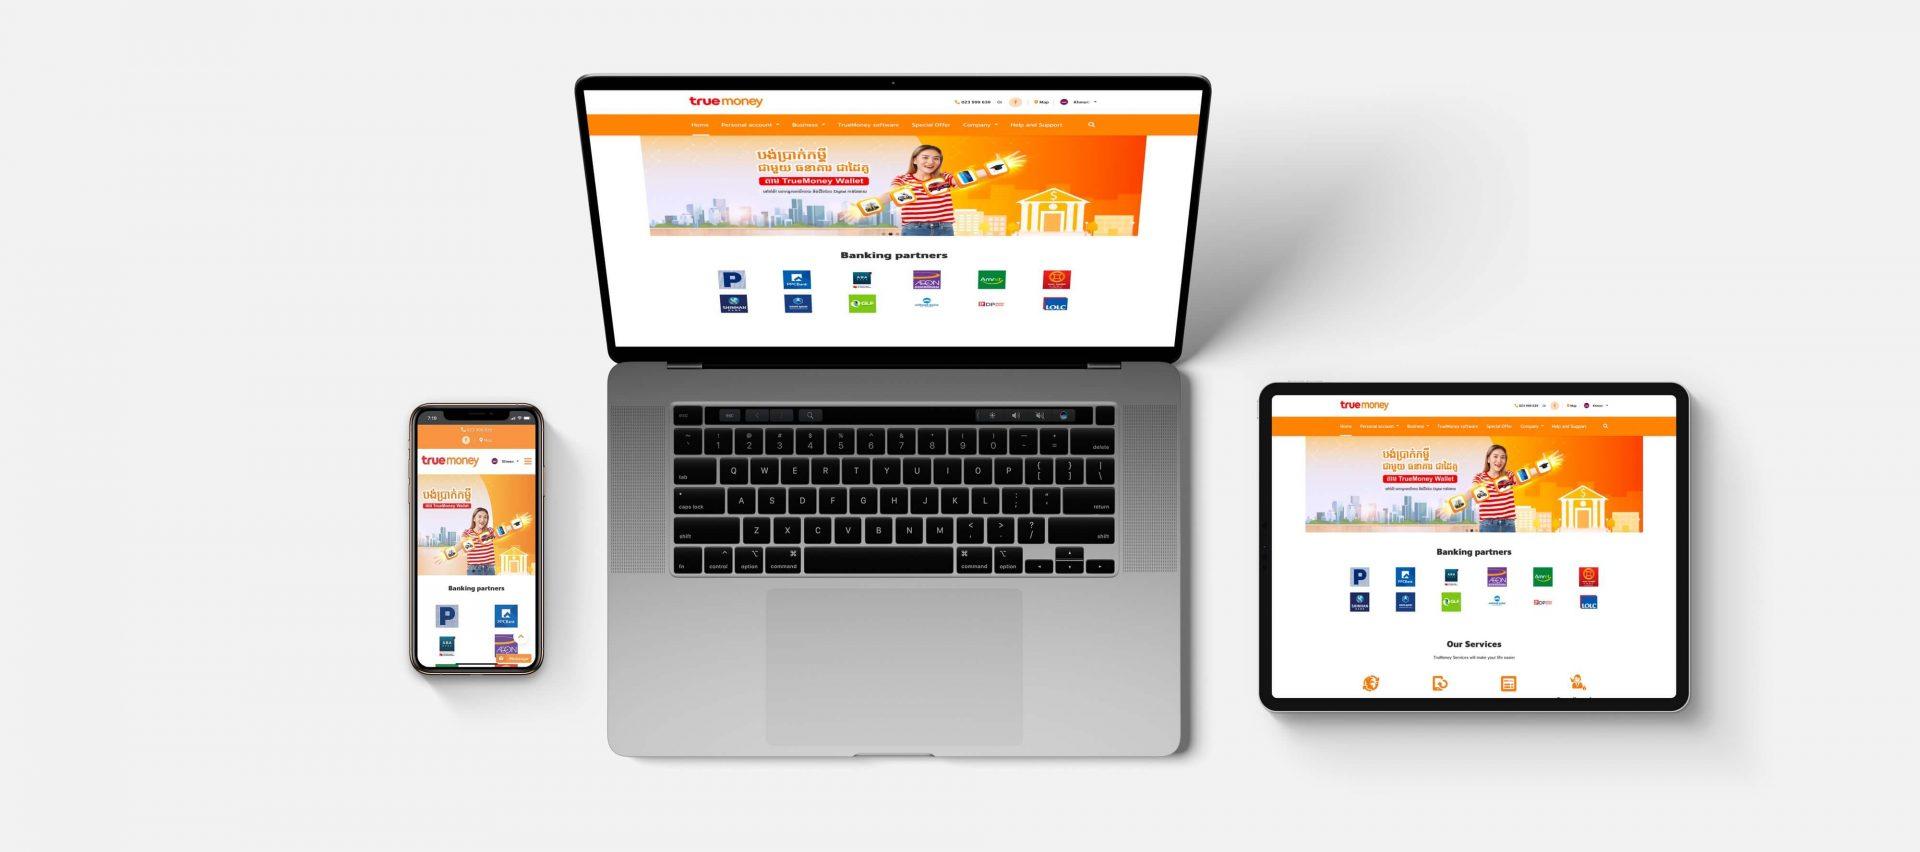 Official website of TrueMoney's Cambodia